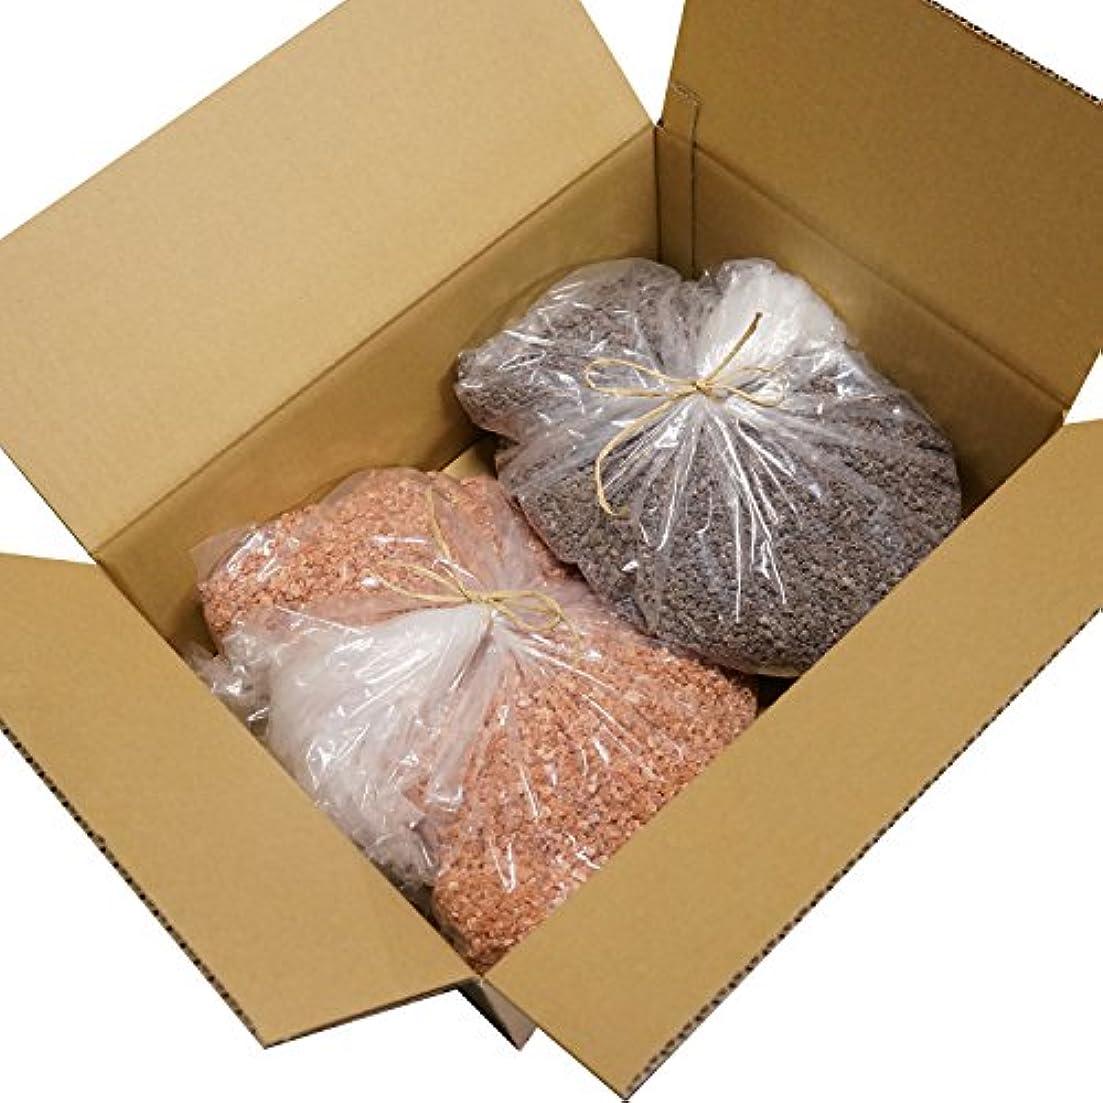 疑問に思う専門化するゲートウェイヒマラヤ岩塩 ピンク ブラック グレイン 各 10,000g 20kg 粗粒 ミル 原料